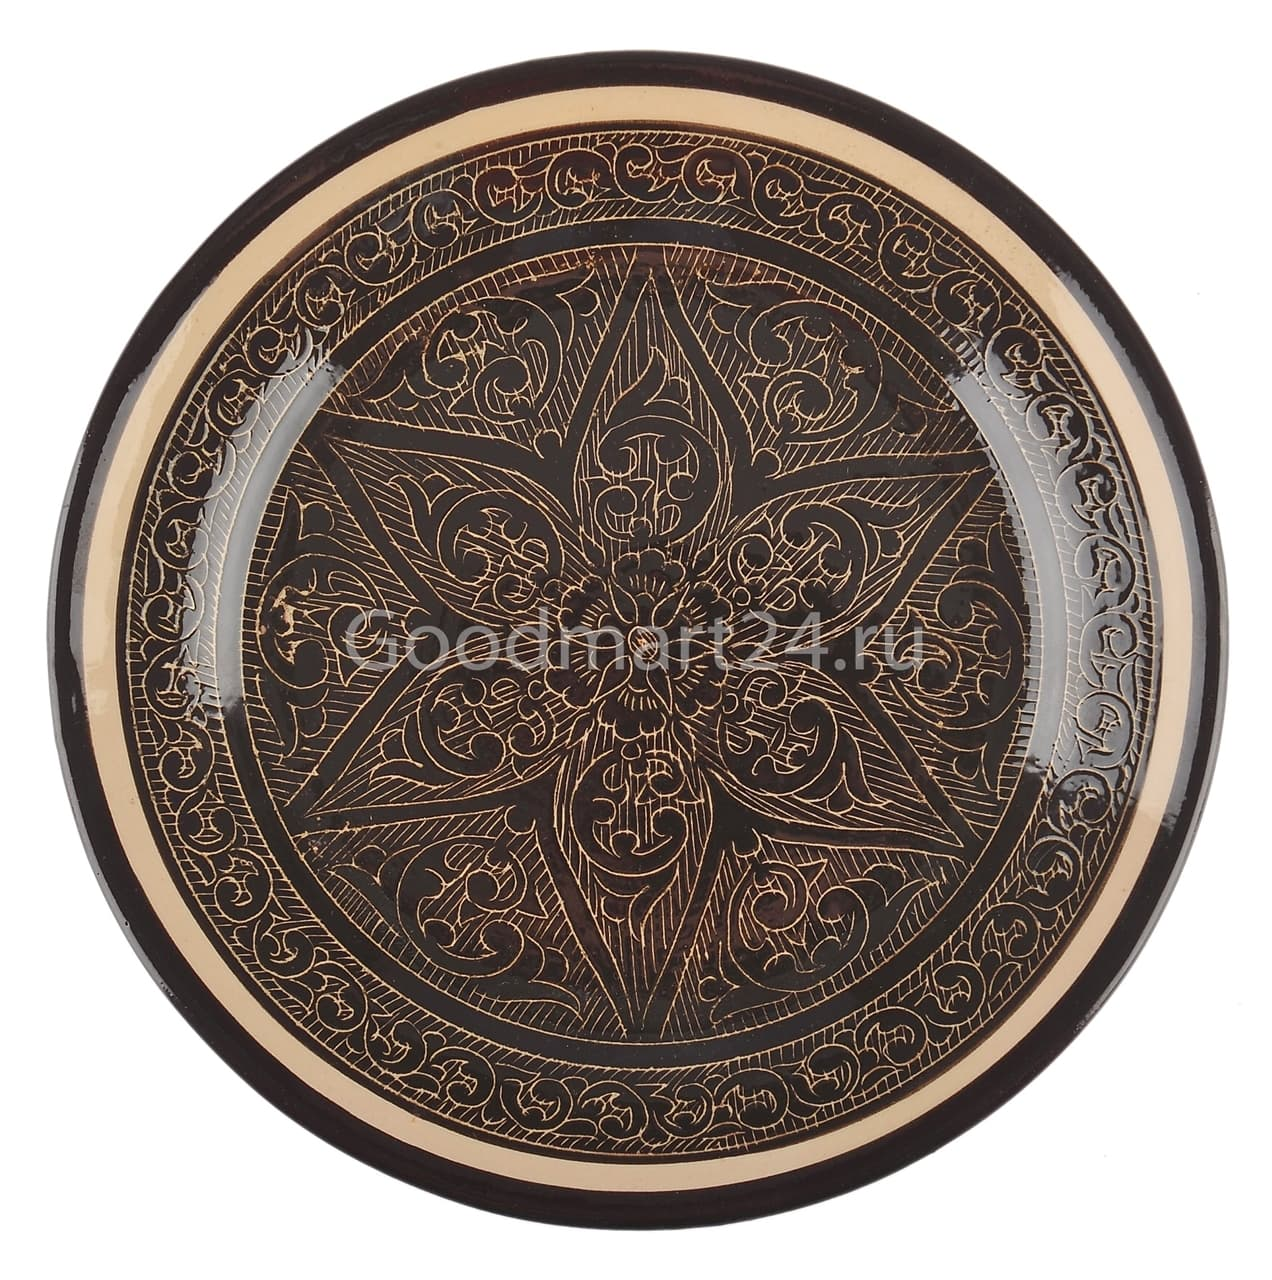 Тарелка плоская Риштанская Керамика 27 см. коричневая - фото 7524